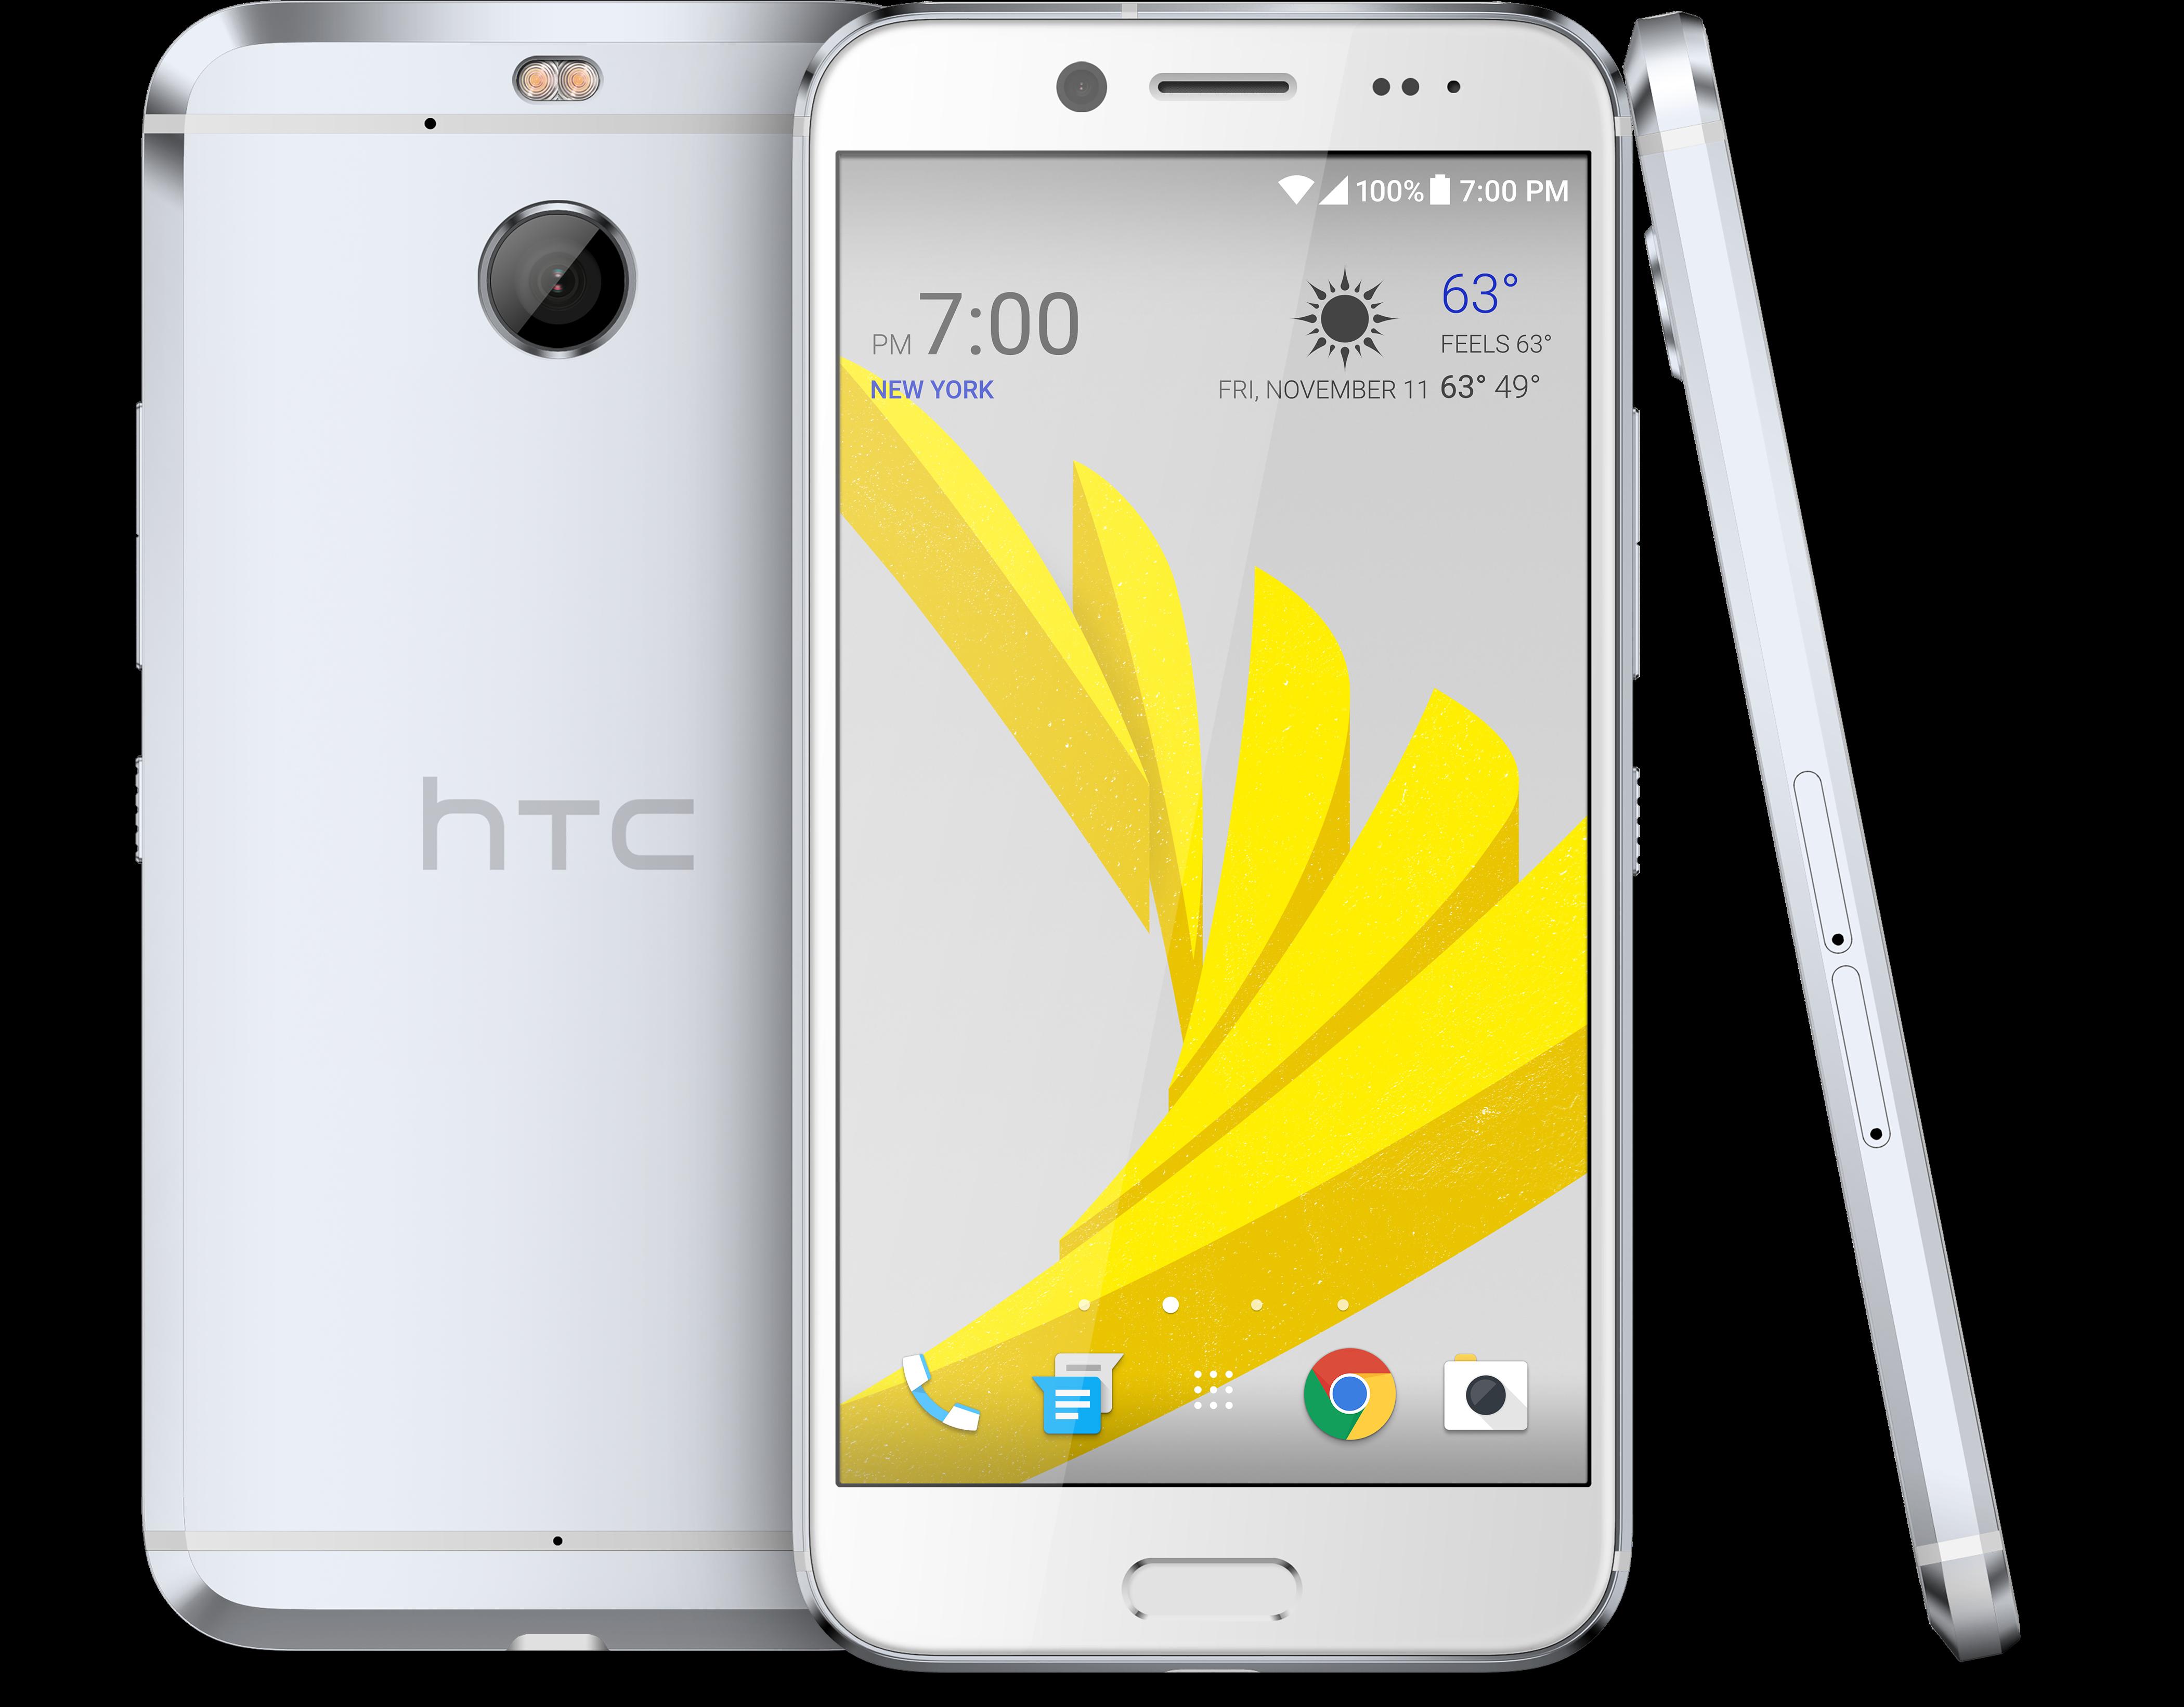 HTC、米 Sprint 向け 防水対応 Android 7.0 搭載スマホ「Bolt」を11月11日より発売へ